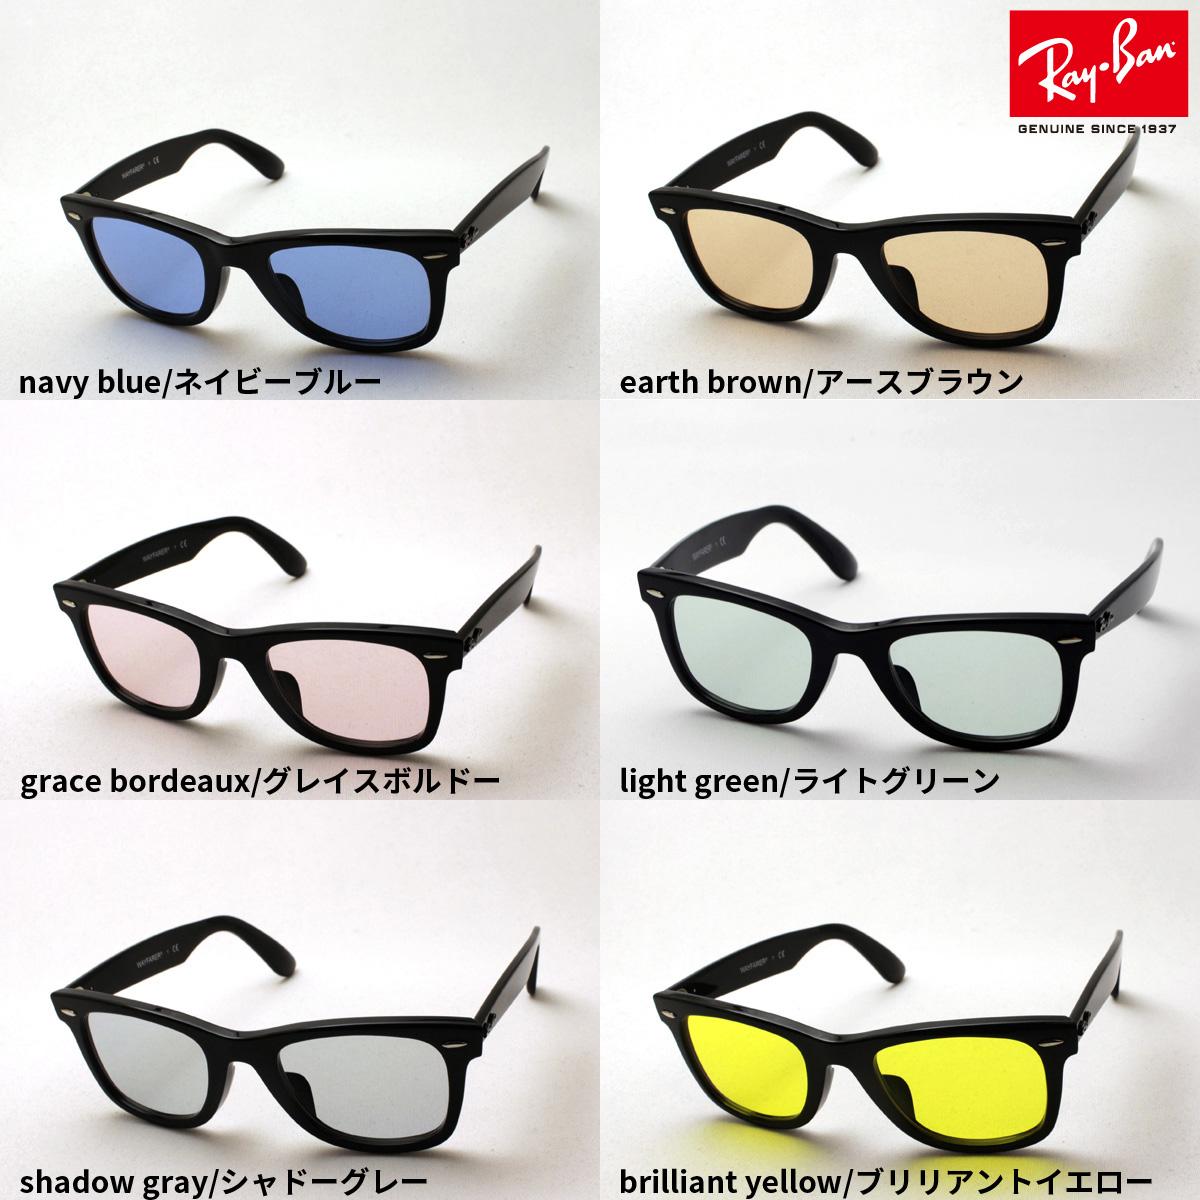 正規レイバン 日本最大級の品揃え レイバン サングラス ウェイファーラー Ray-Ban RX5121F 2000 世界最高峰レンズメーカーHOYA製 ライトカラー メガネ メガネフレーム RayBan light color ウェリントン